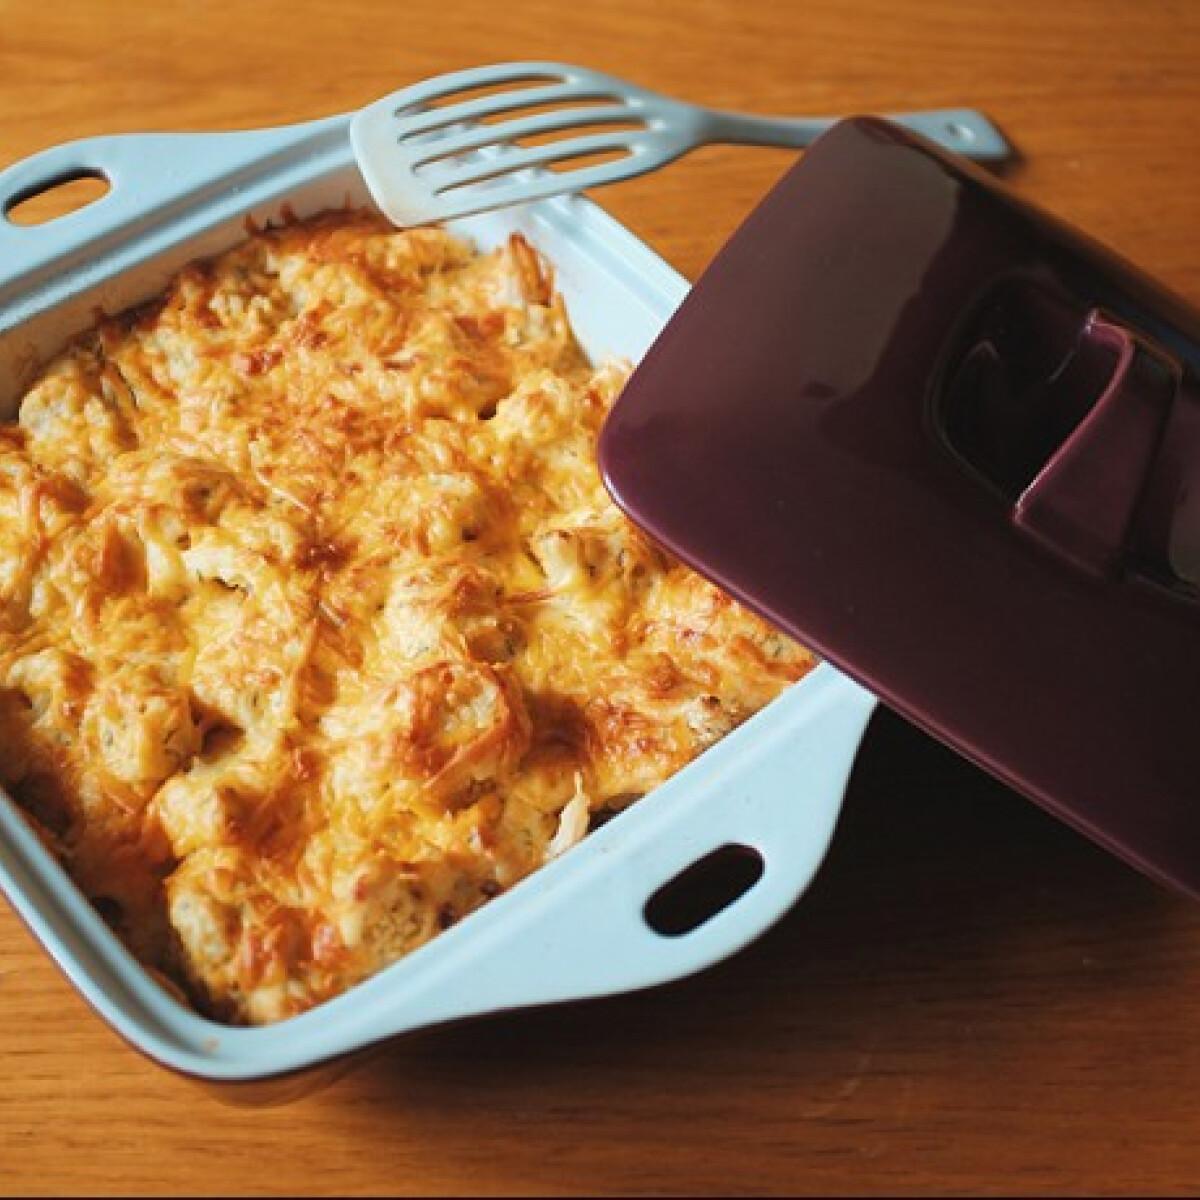 Cheddar sajtos karfiol